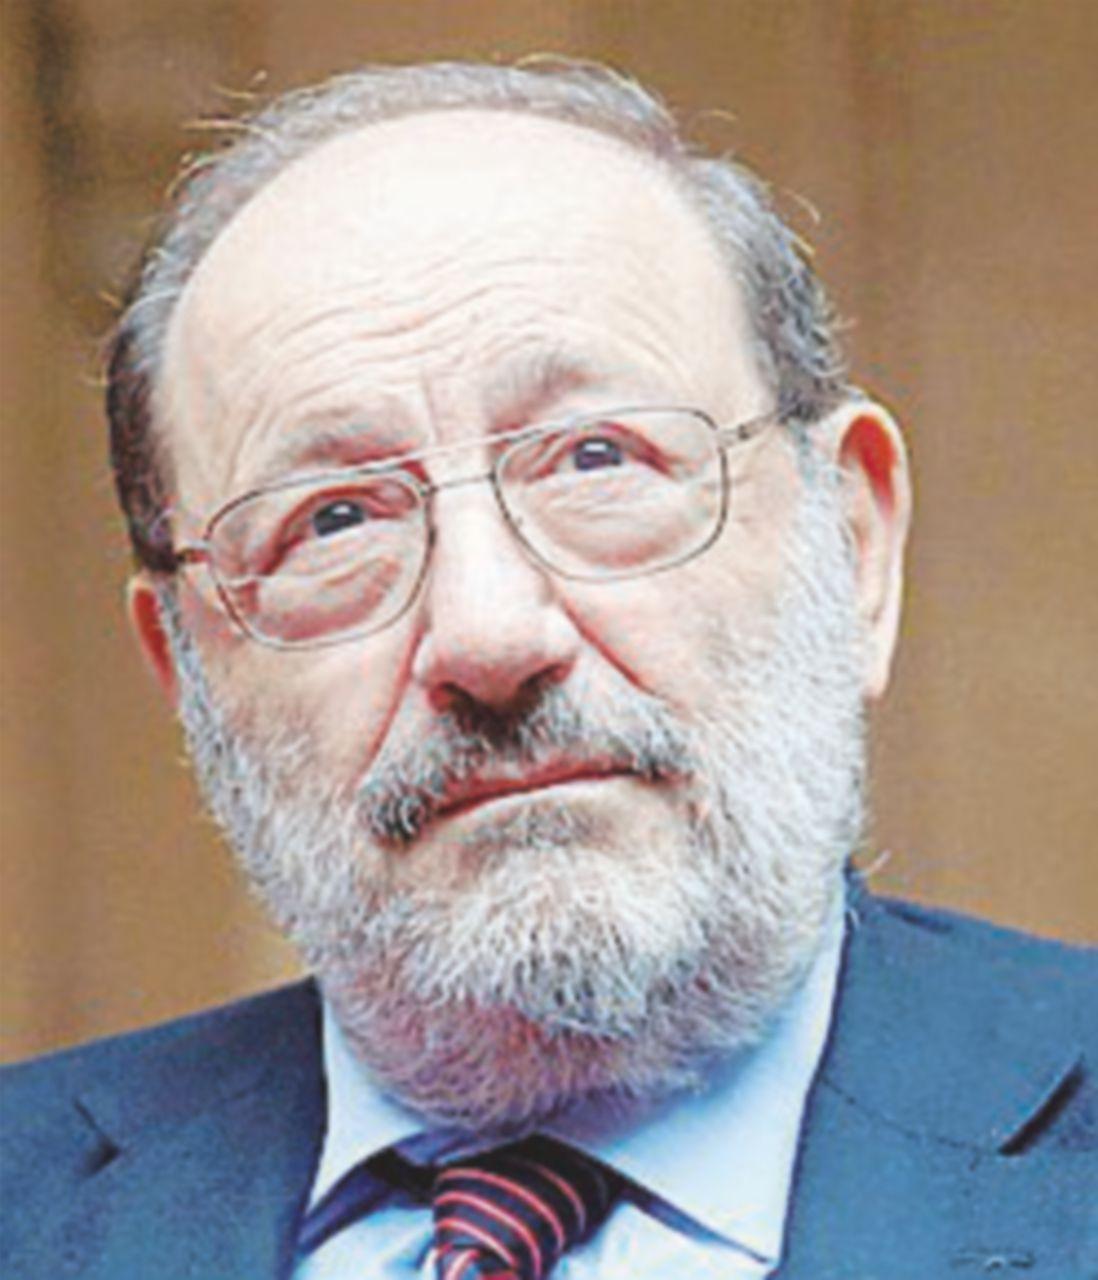 Umberto Eco, il sindaco leghista di Alessandria non vuole che il liceo sia intitolato a lui